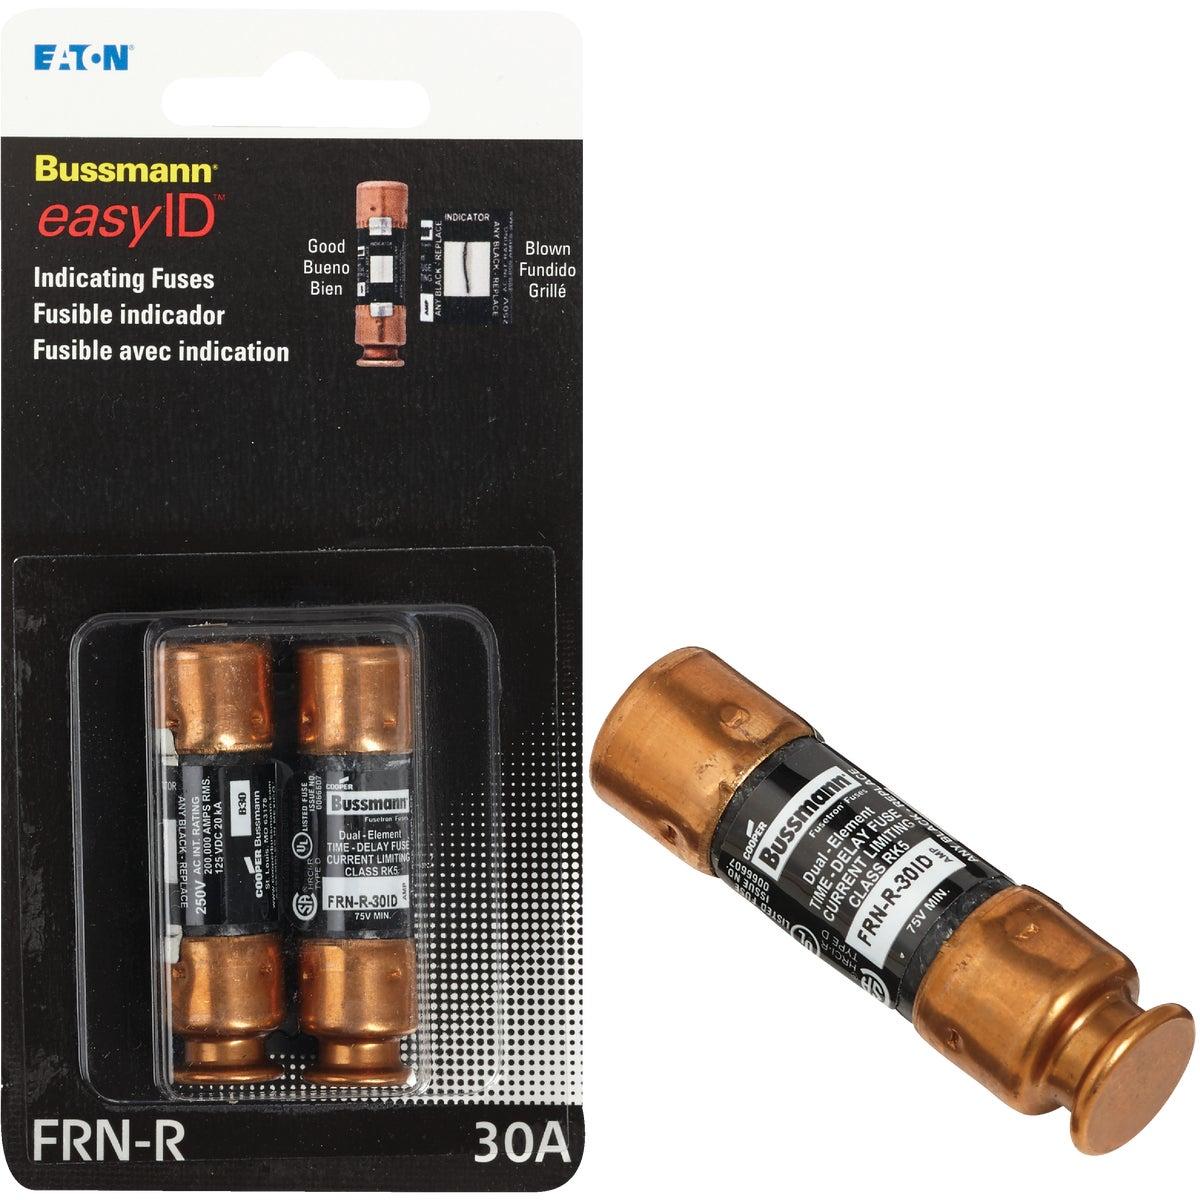 2PK 30A FRNR EASYID FUSE - BP/FRNR-30ID by Bussmann Cooper